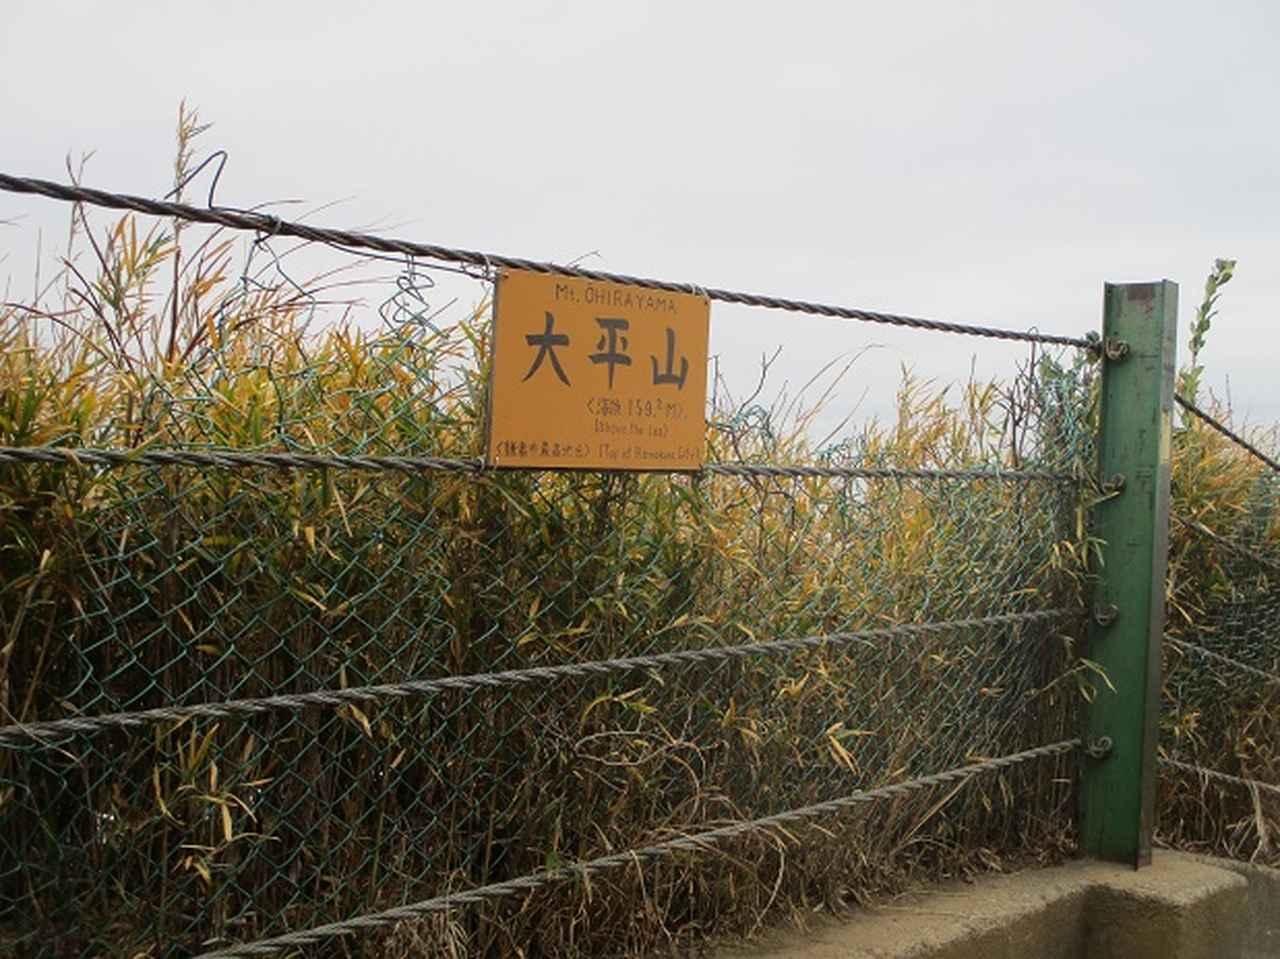 画像10: 1月12日に山旅会現地集合ツアー 「六浦から朝比奈切通・大平山」 ツアーにいってまいりました!